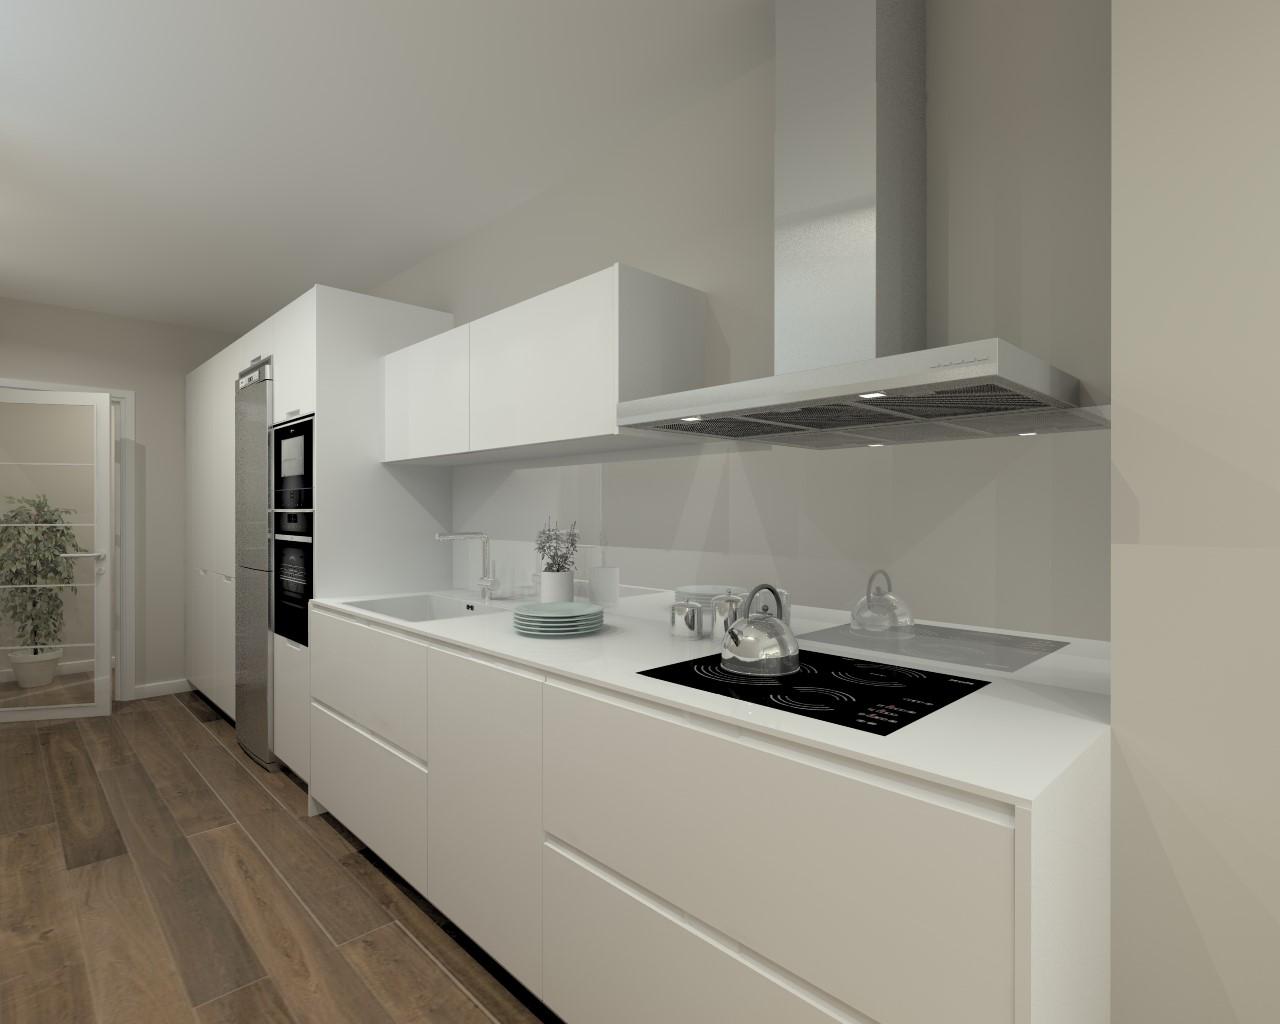 Cocina santos modelo intra laca seda mate blanco encimera - Cocina blanca mate ...